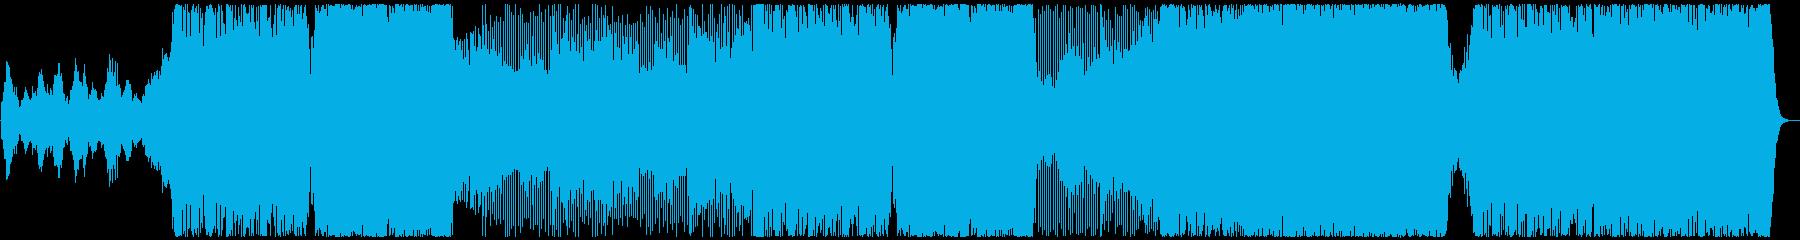 アスリートの集中力を高める勝負曲の再生済みの波形